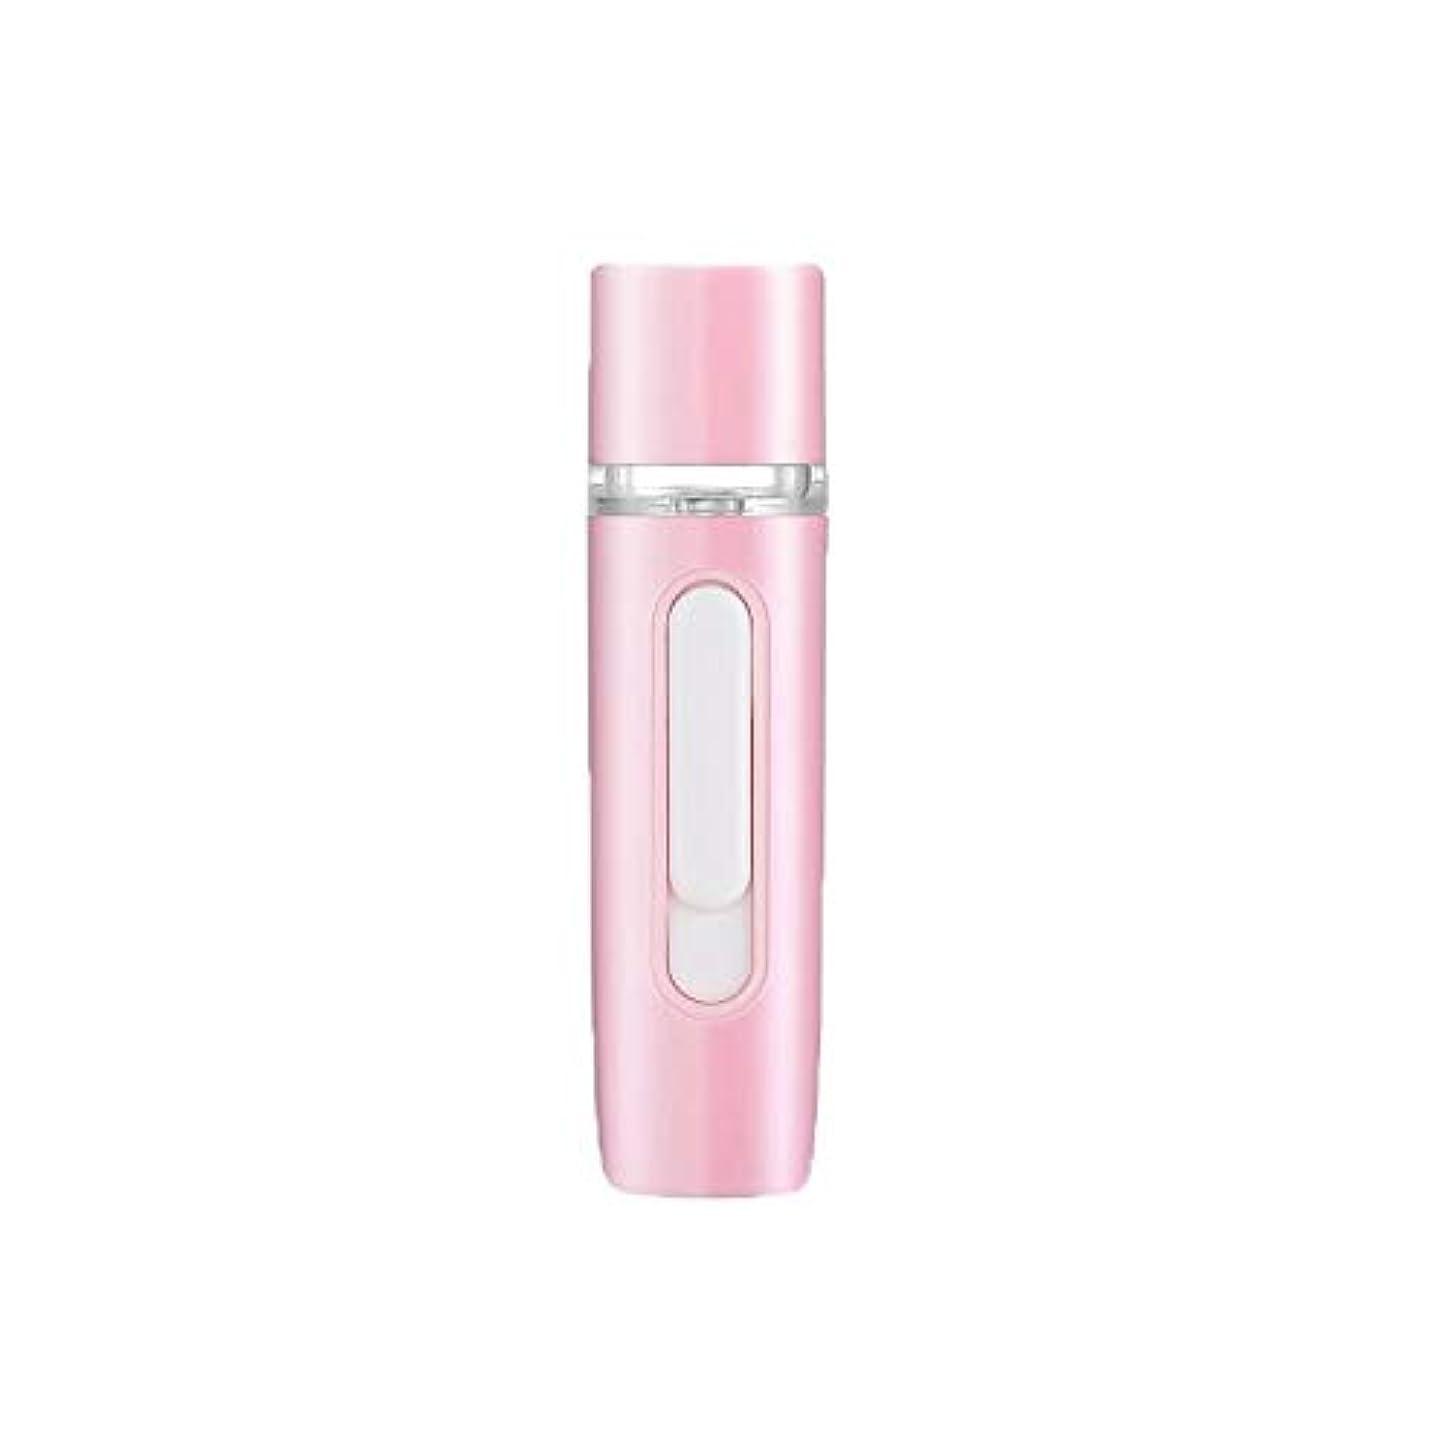 会計士反映するバナーZXF 新しいハンドヘルドポータブル水和機器美容機器ABS材料コールドスプレー蒸し面マルチプレックス充電宝物加湿器ピンクセクションホワイト 滑らかである (色 : Pink)